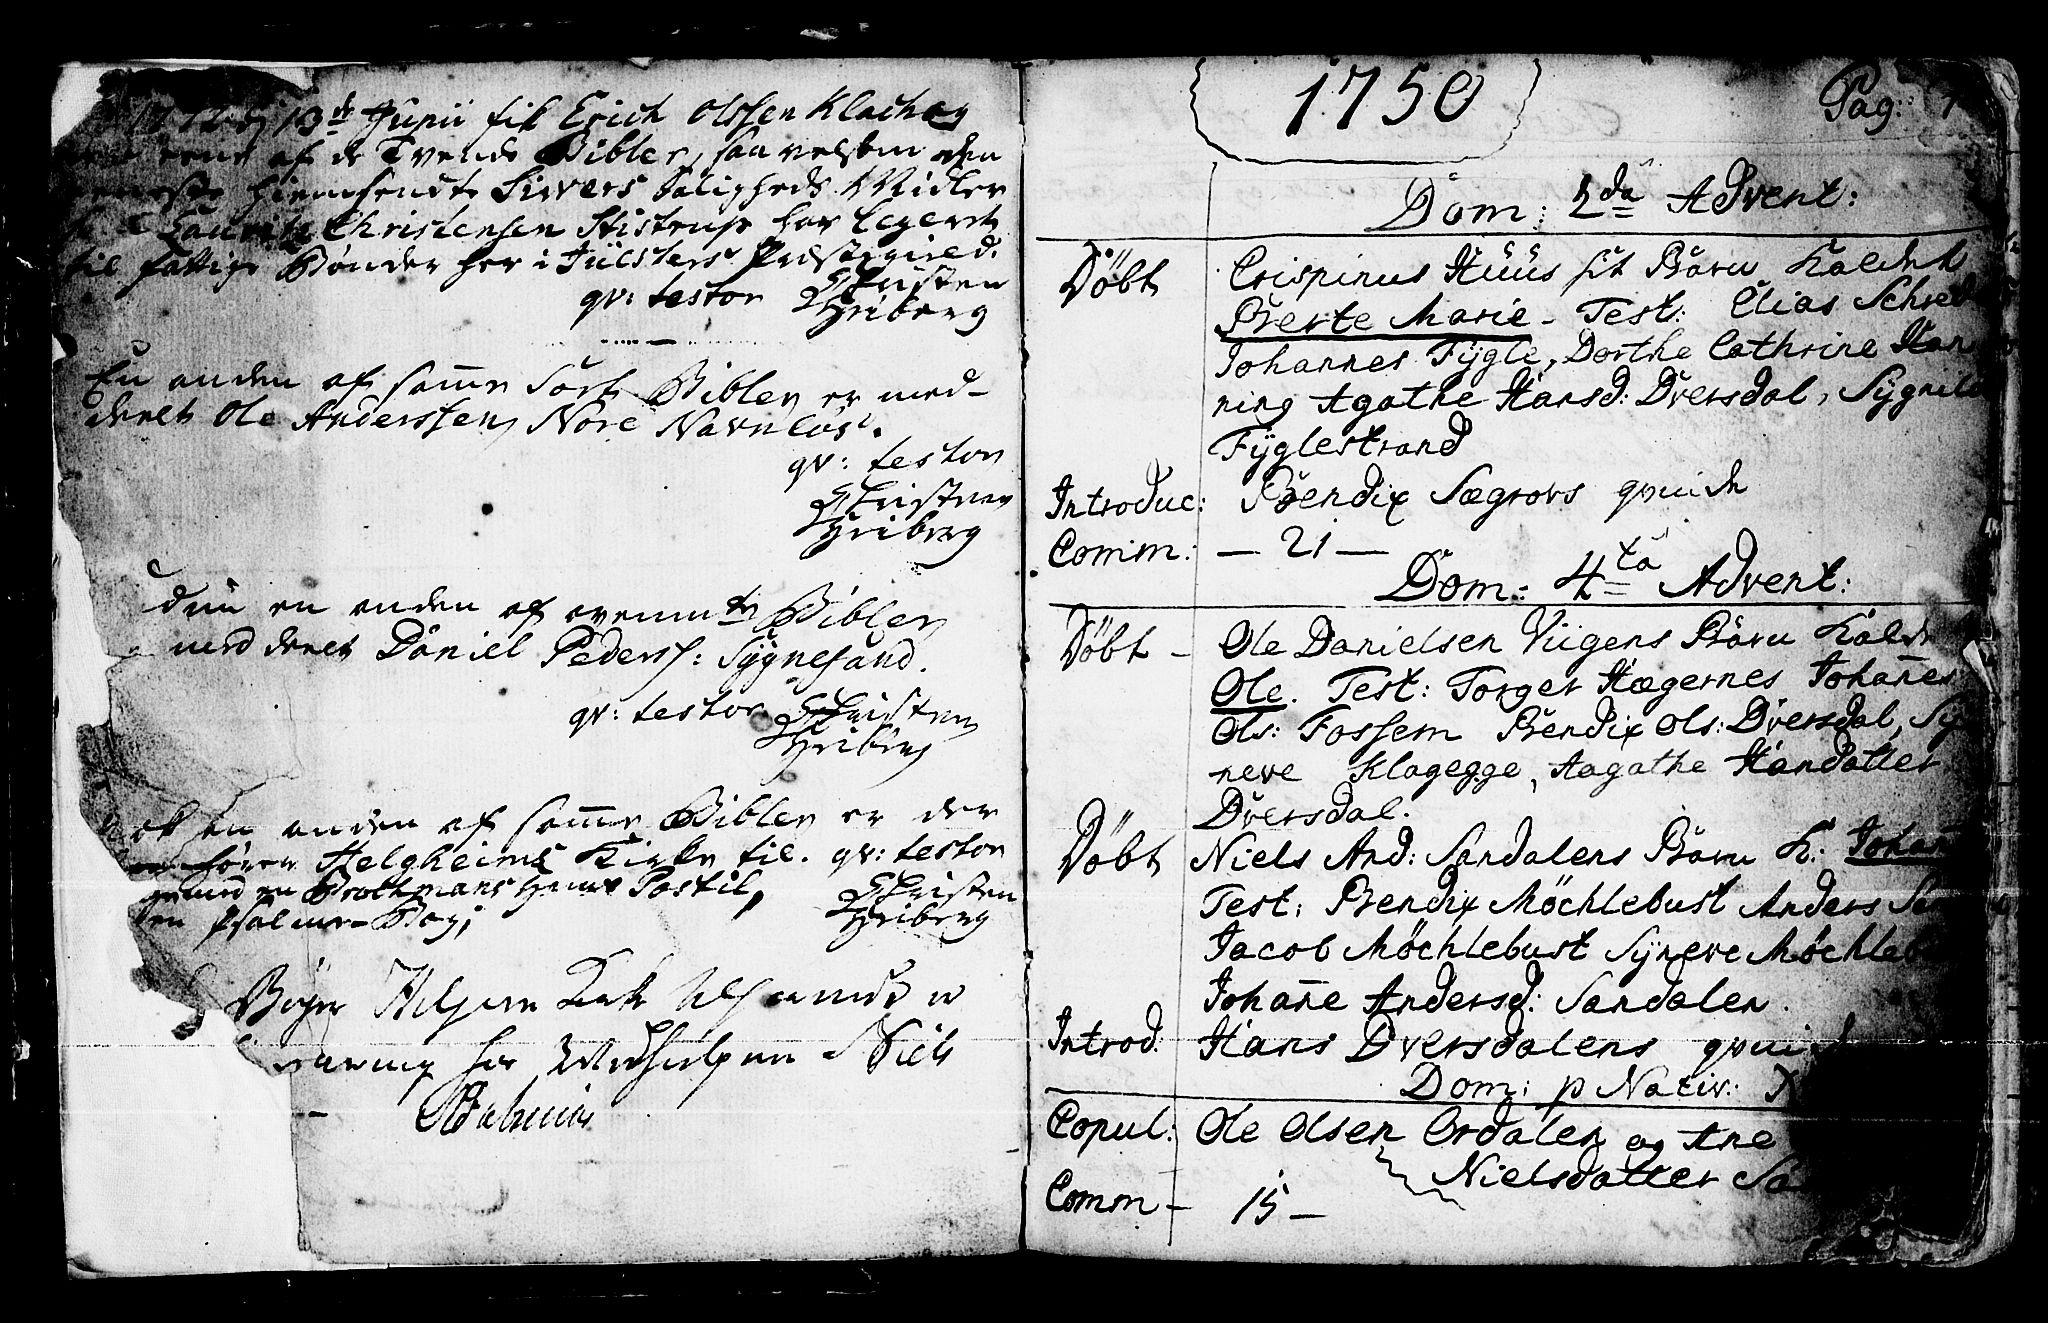 SAB, Jølster Sokneprestembete, Ministerialbok nr. A 4, 1749-1789